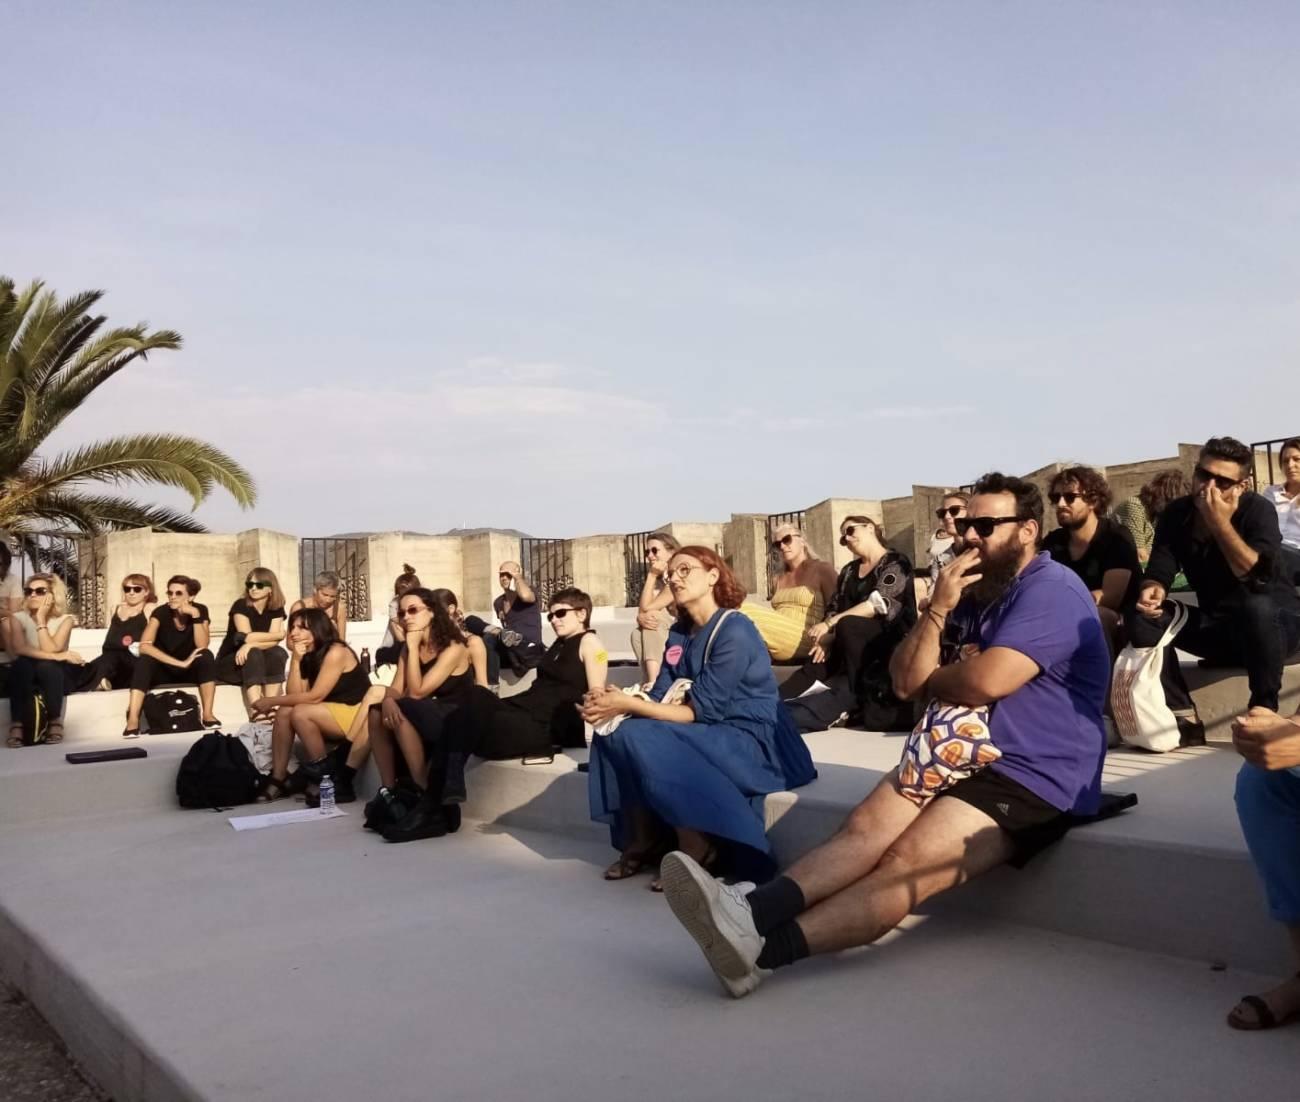 L'Assemblée des Valeurs, 8 et 9 septembre - Villa Arson Assemblée plénière dans l'amphithéâtre extérieur © Hélène Guenin